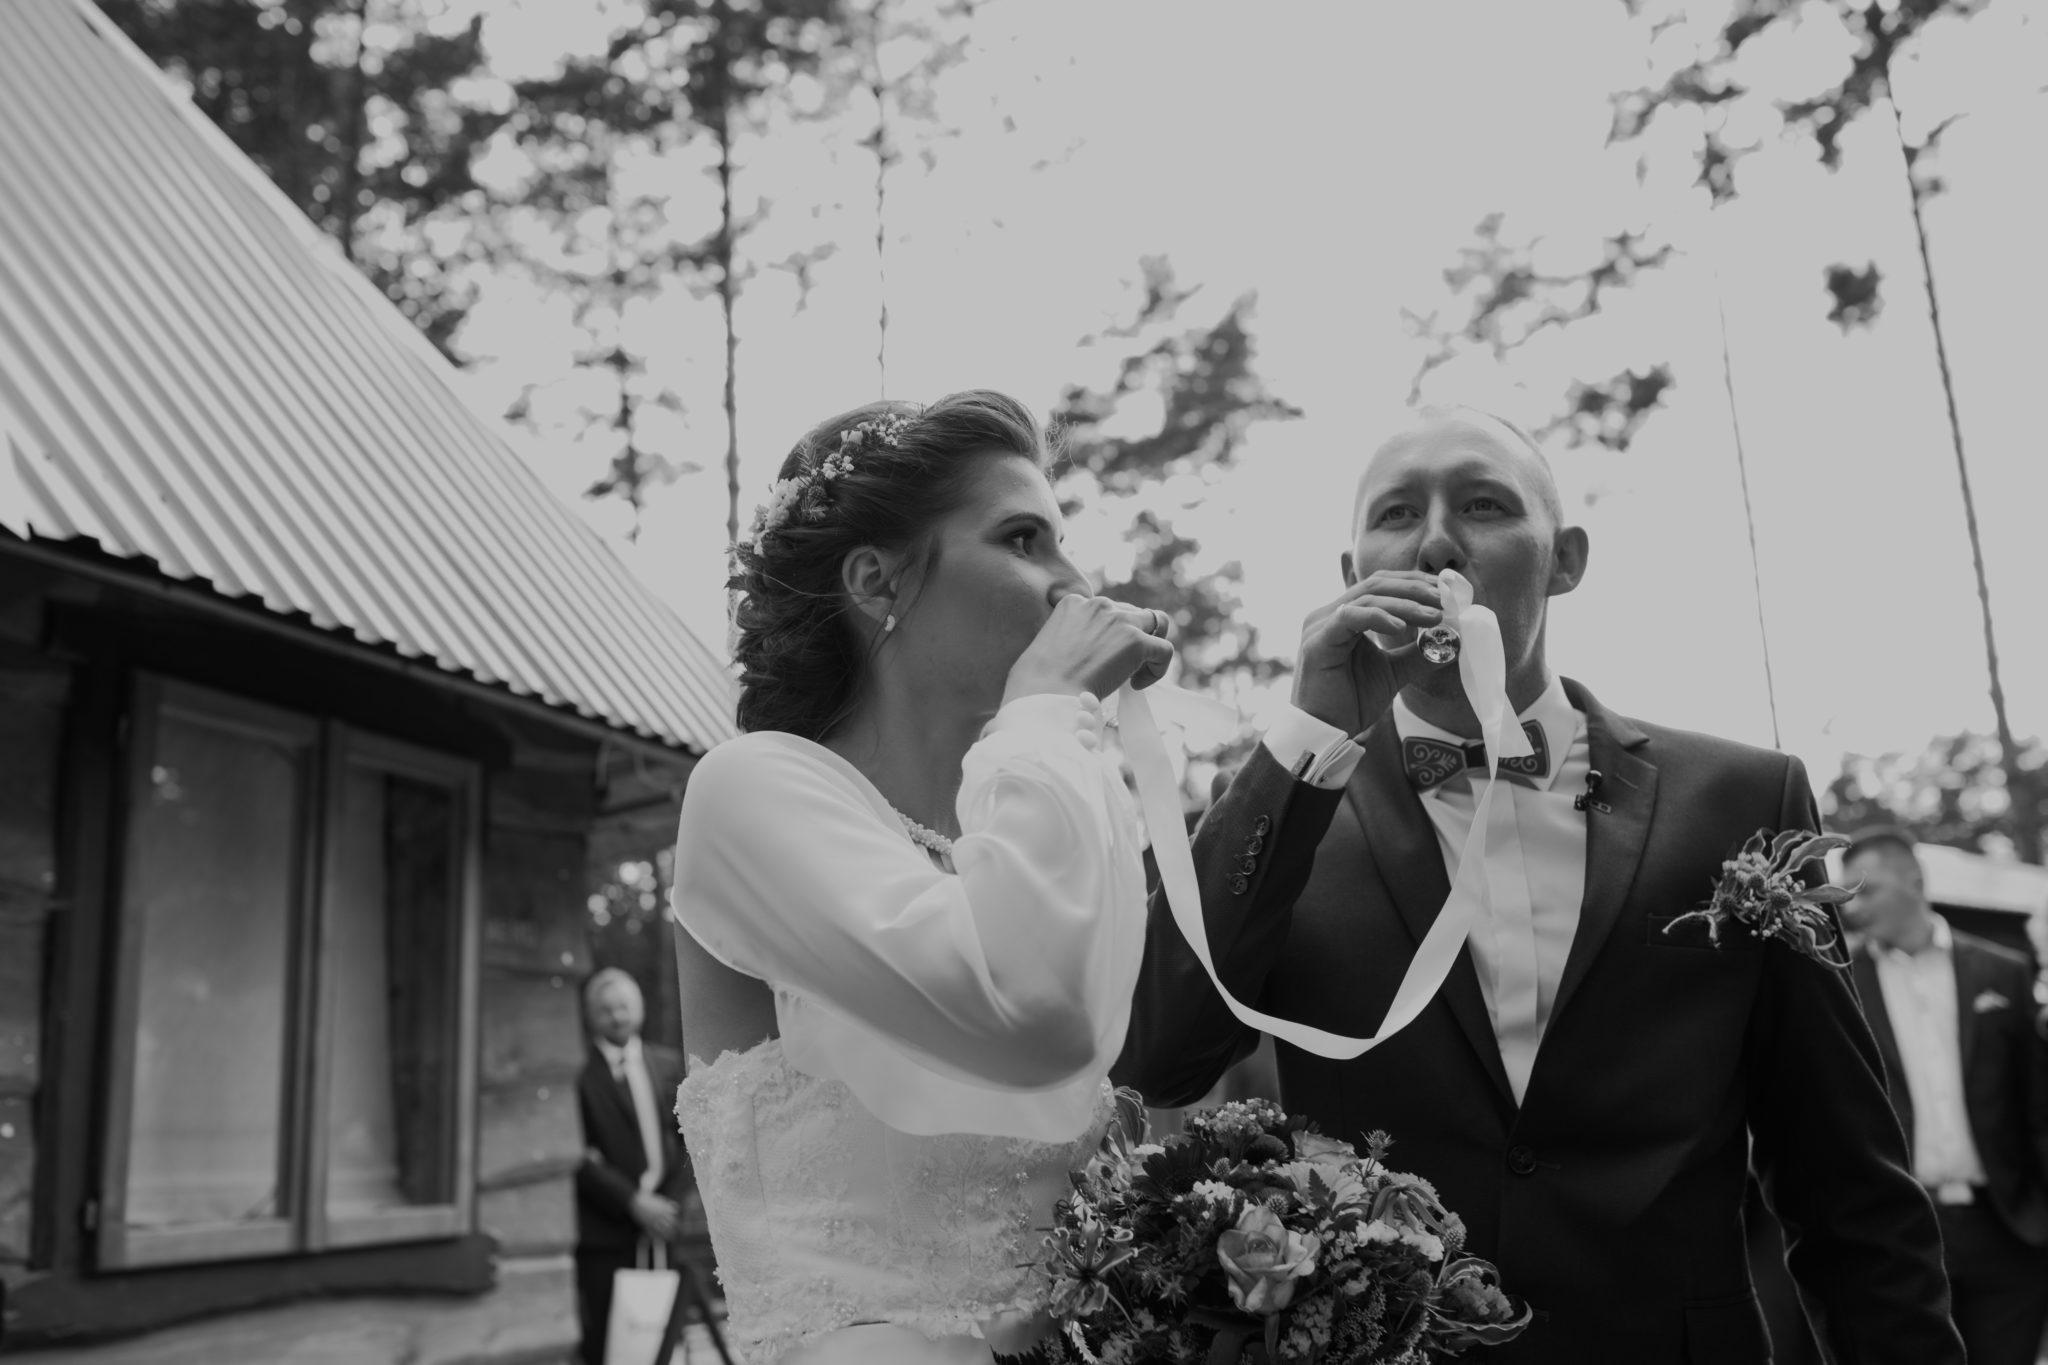 gosia i kuba83 - fotografiagk Fotografia ślubna RK wedding